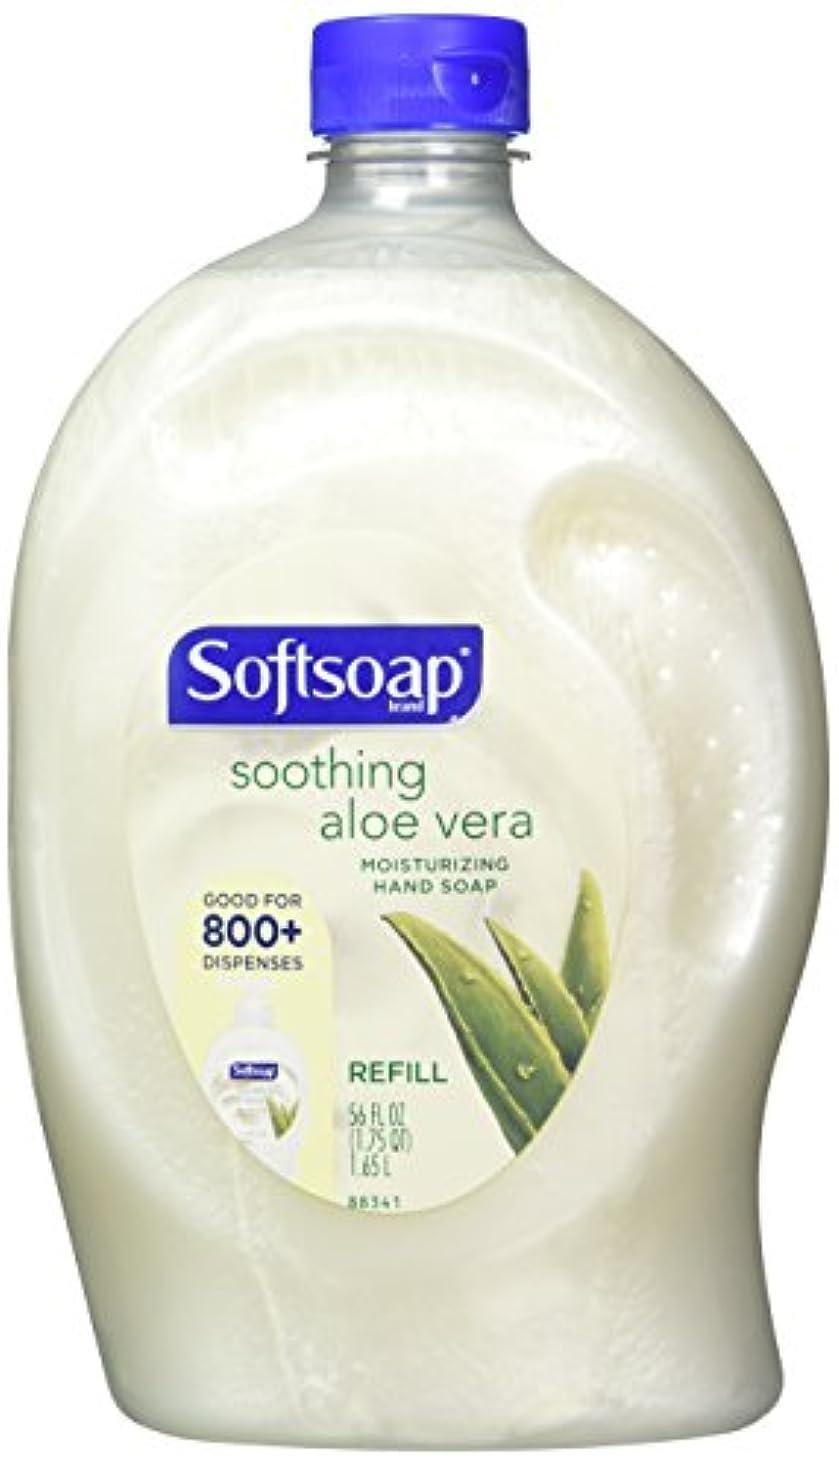 火スクレーパー島Softsoap液体Moisturizing Hand Soap Refill 56 fl oz, 2 Count ACP-2685